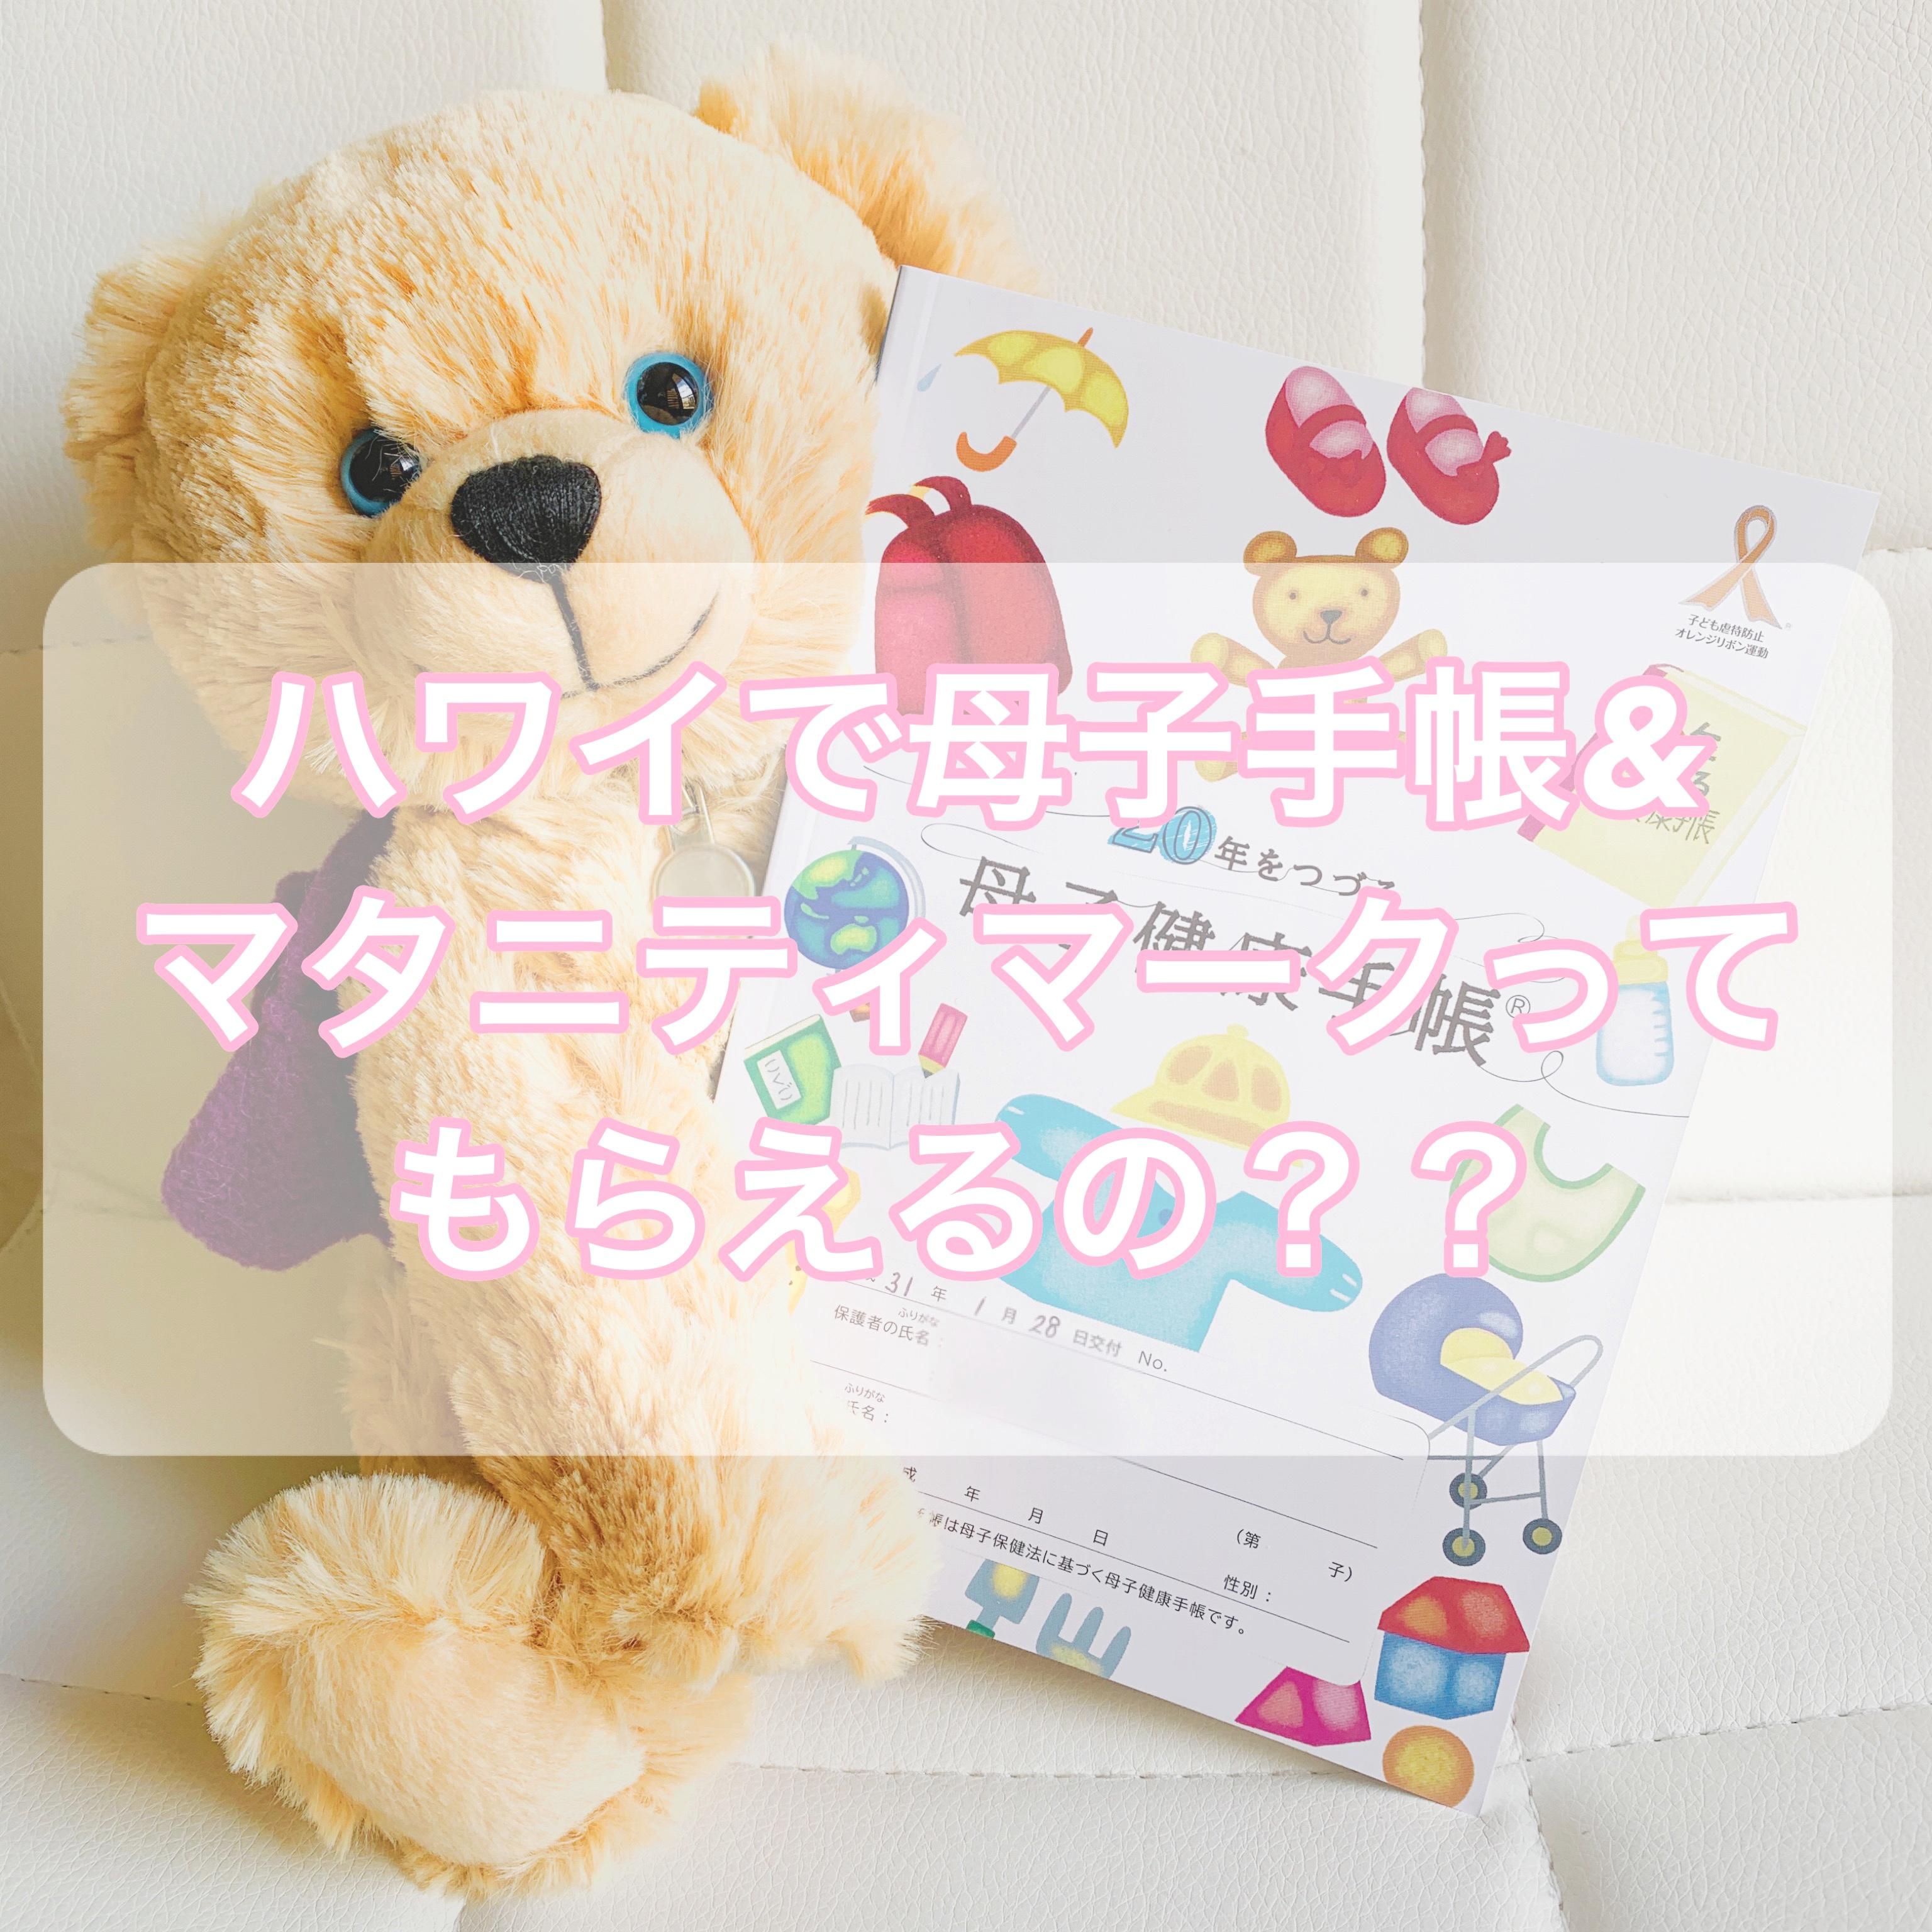 【ハワイ出産】ハワイで母子手帳&マタニティマーク【どこでもらえる?】